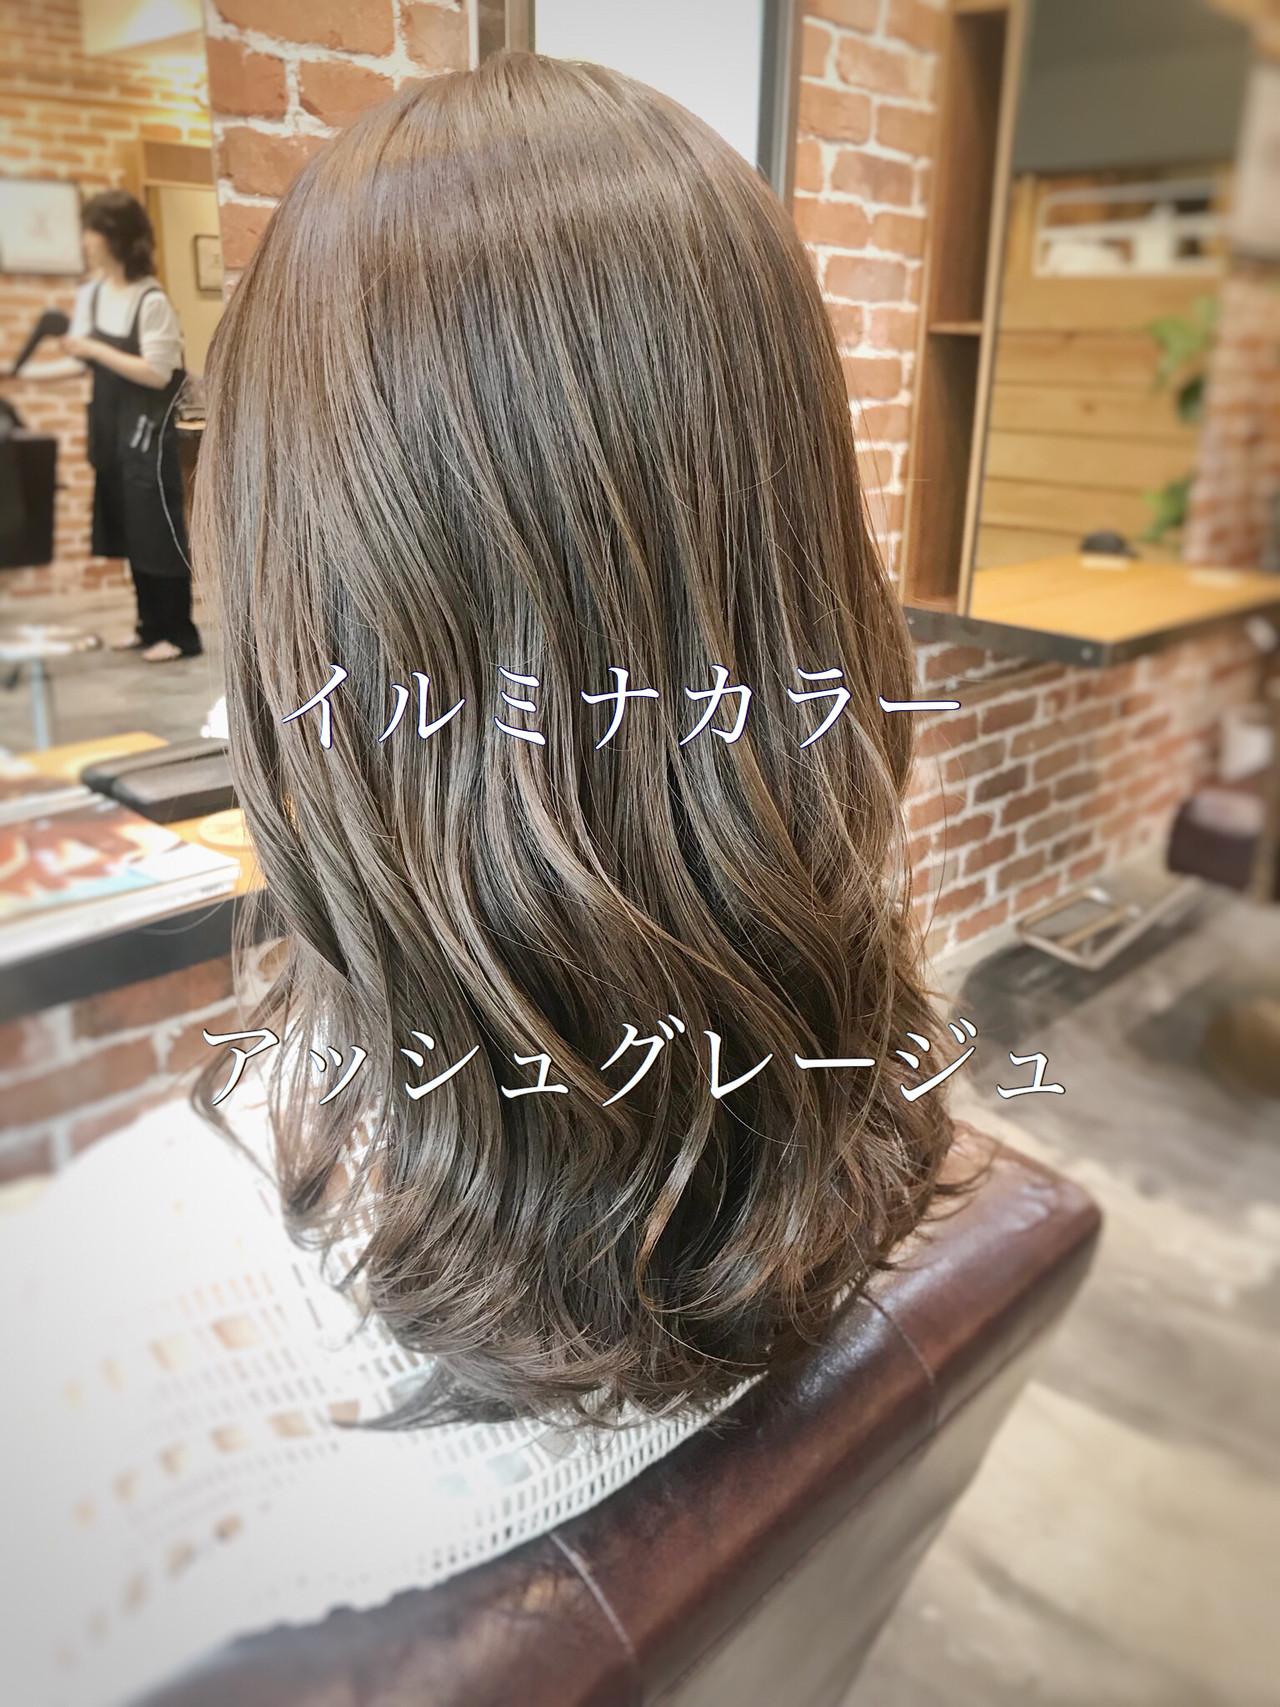 セミロング 結婚式 簡単ヘアアレンジ デート ヘアスタイルや髪型の写真・画像 | 道村昌樹/chobii / chobii   GINZA